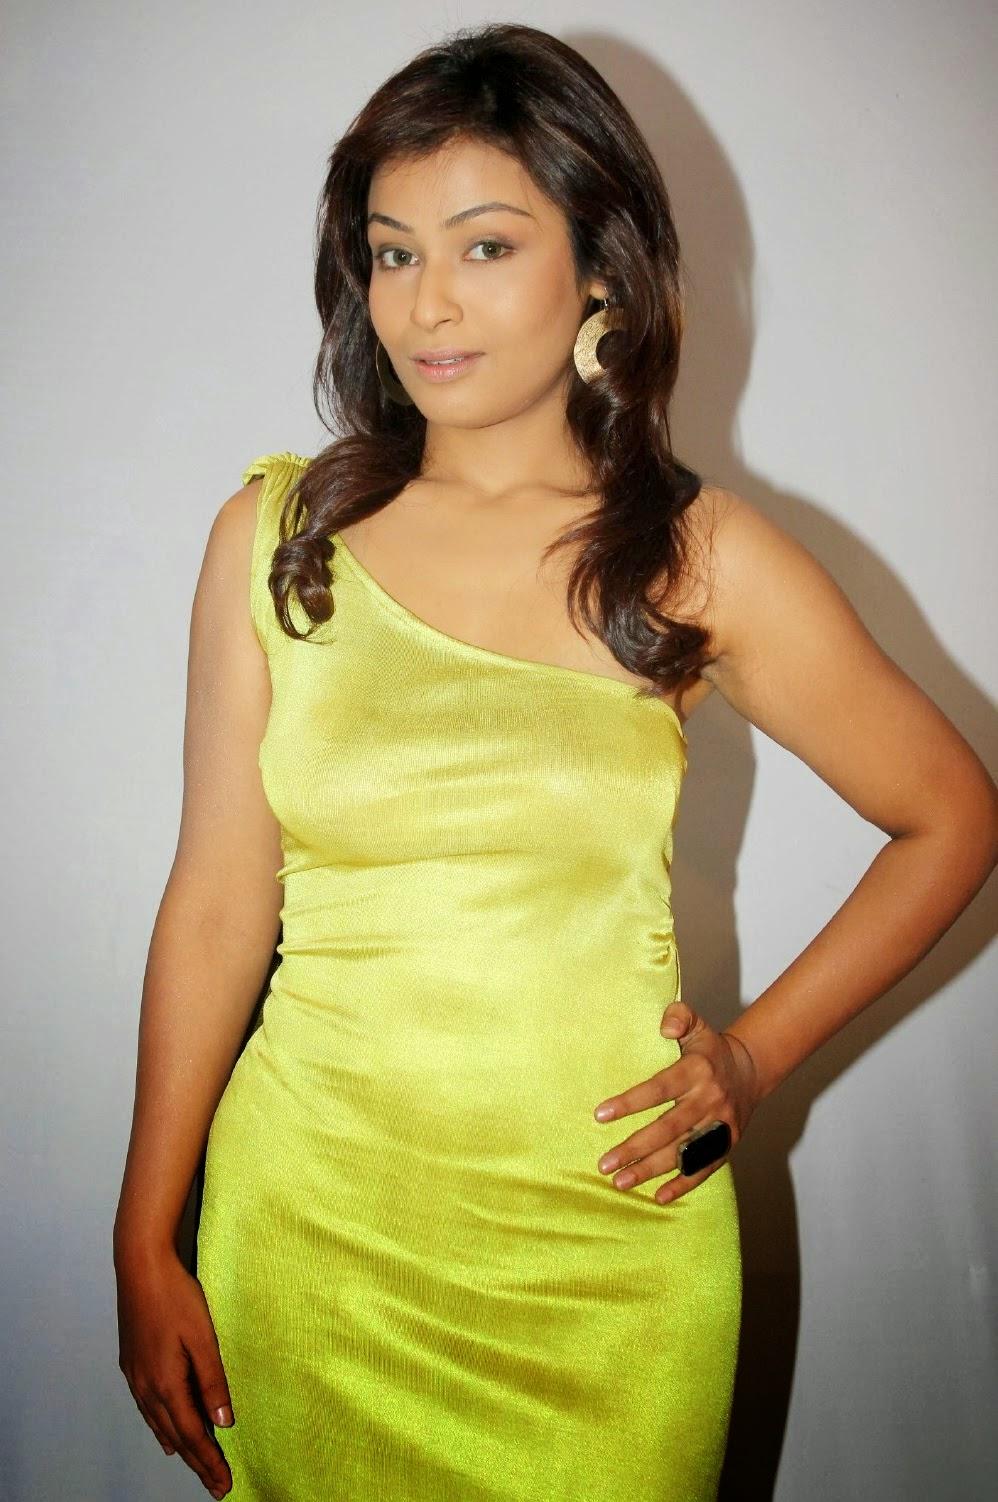 oriya actress naked photos